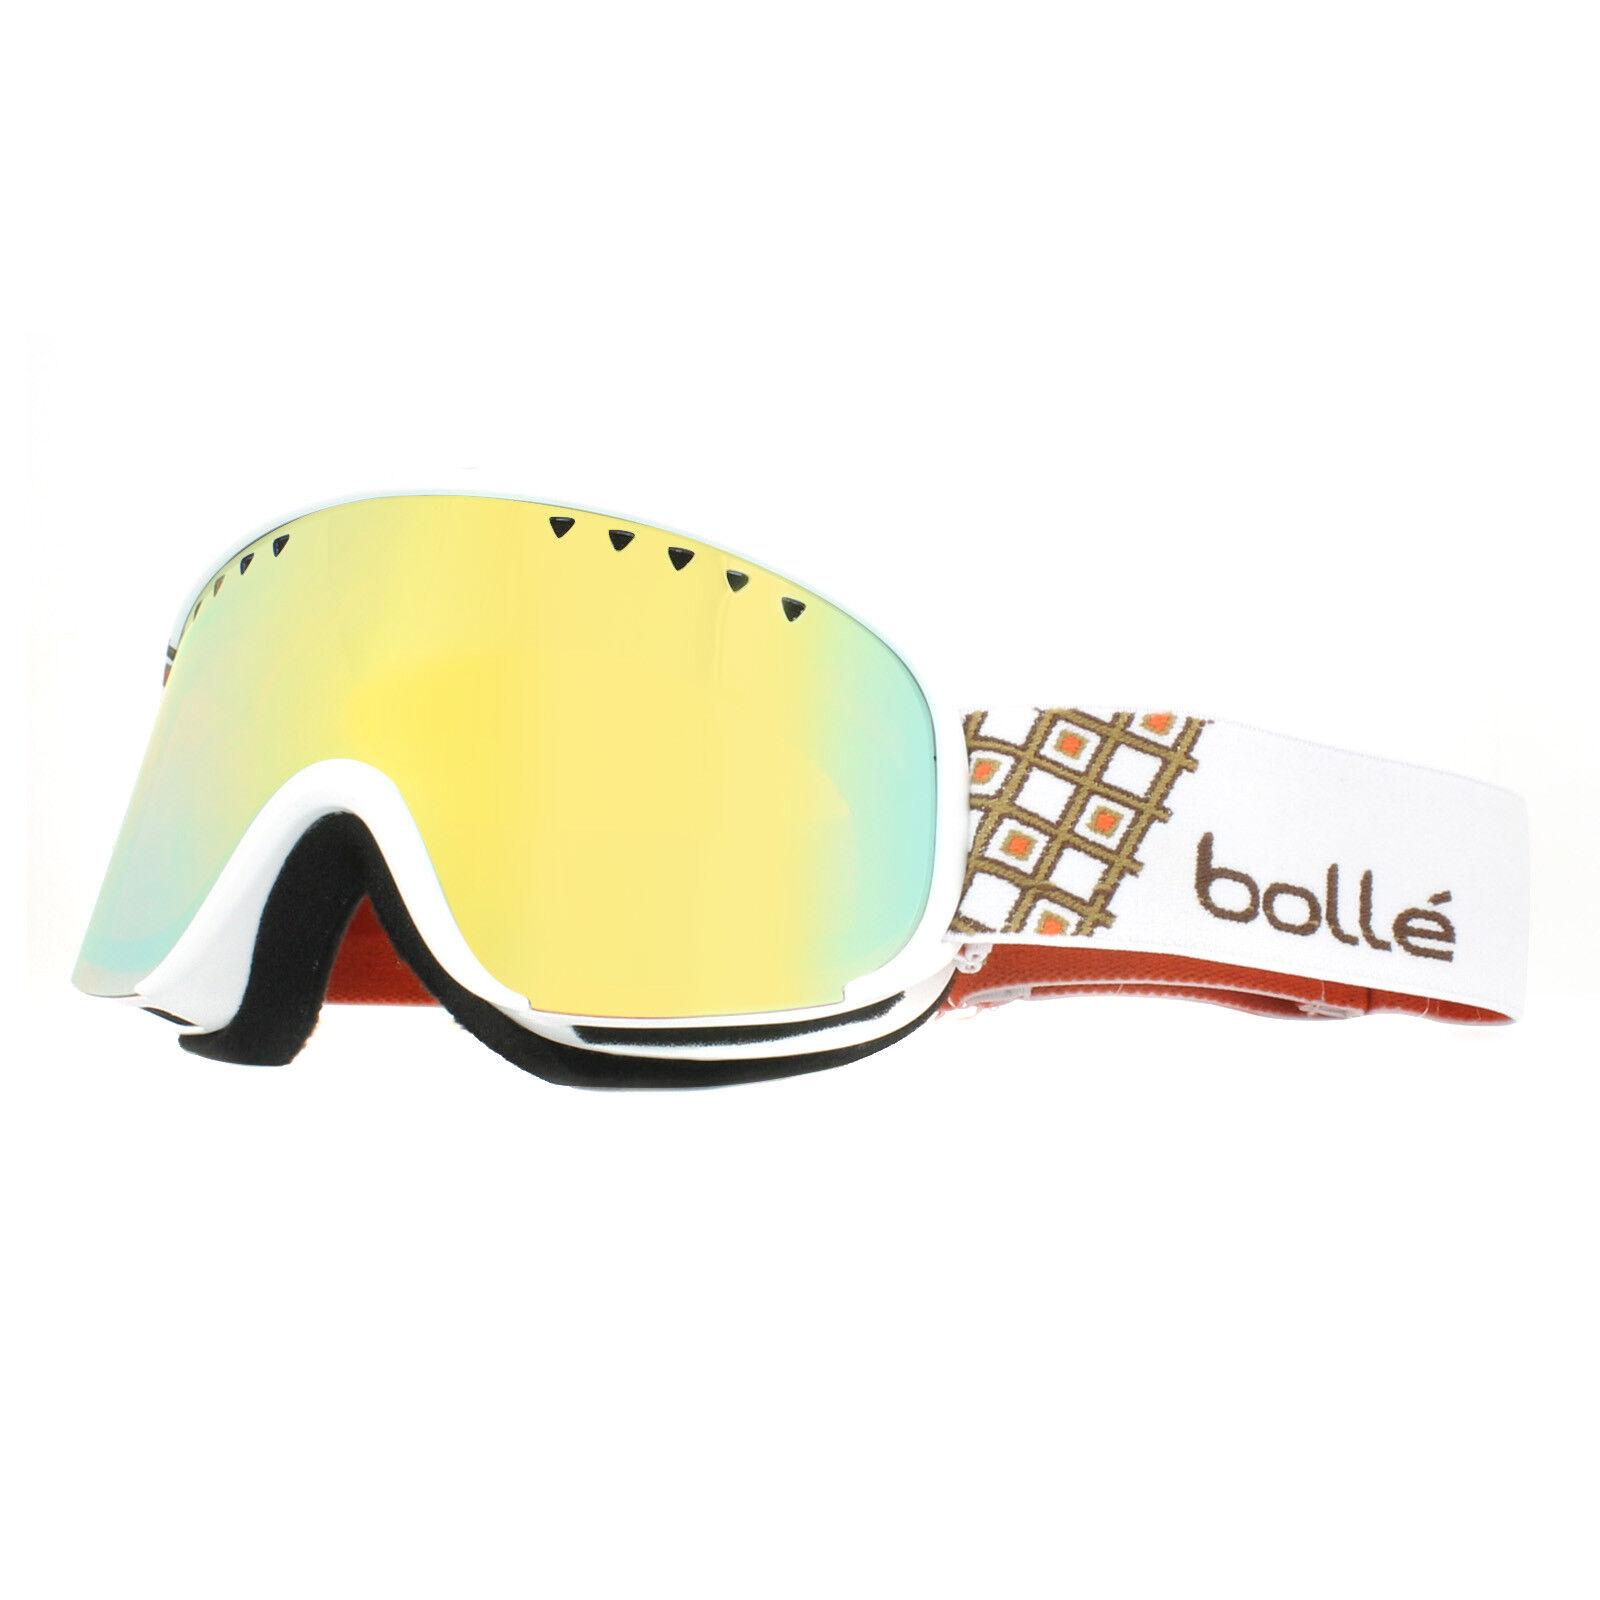 Bolle Ski Goggles Scarlett 21324 Shiny White & gold Citrus gold